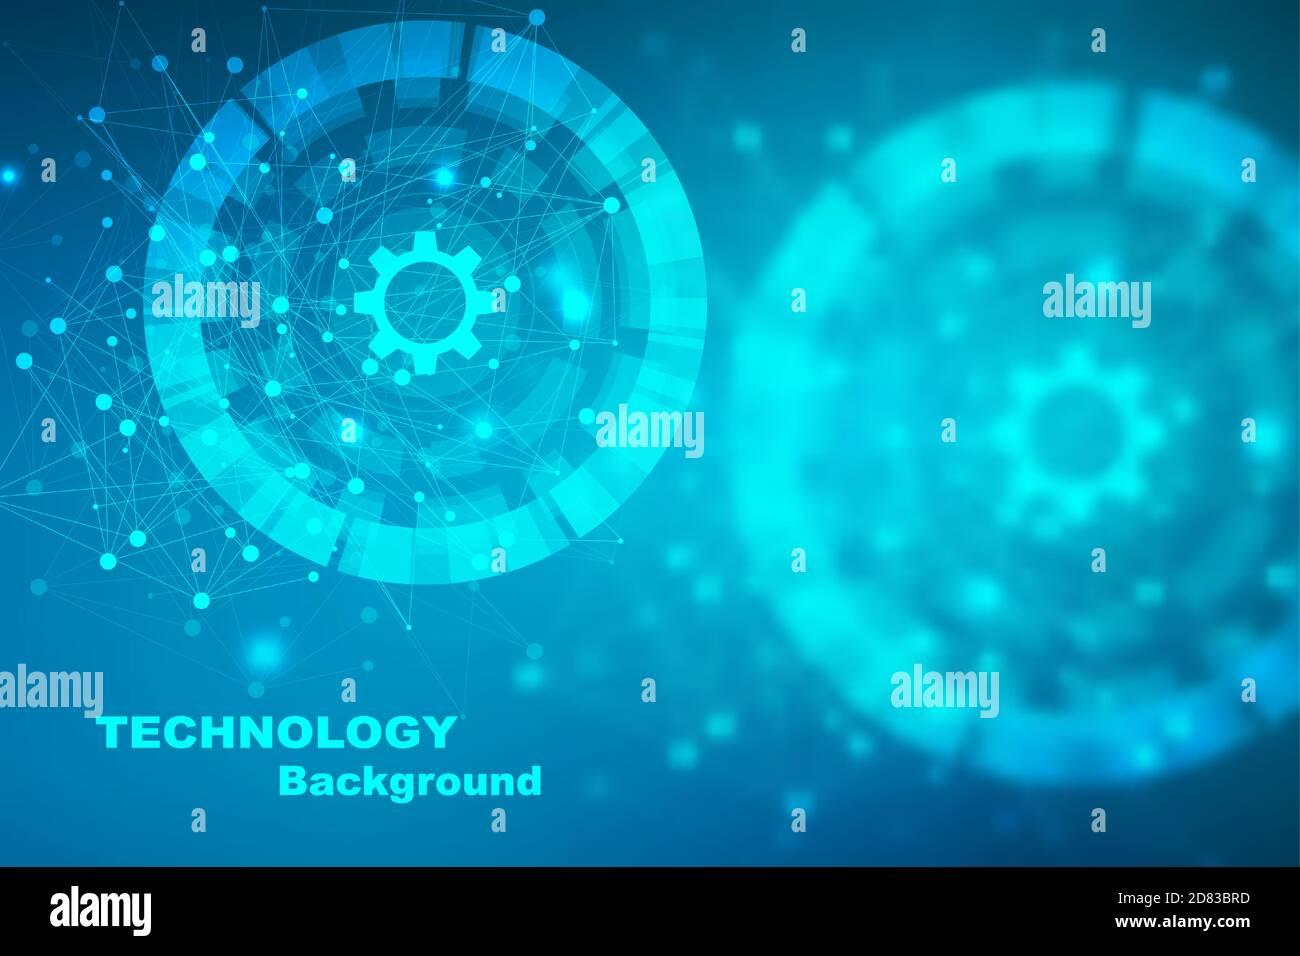 Grand Fond de visualisation de données. Résumé fond virtuel futuriste moderne. Science network pattern, la connexion de lignes et points. Réseau mondial Illustration de Vecteur